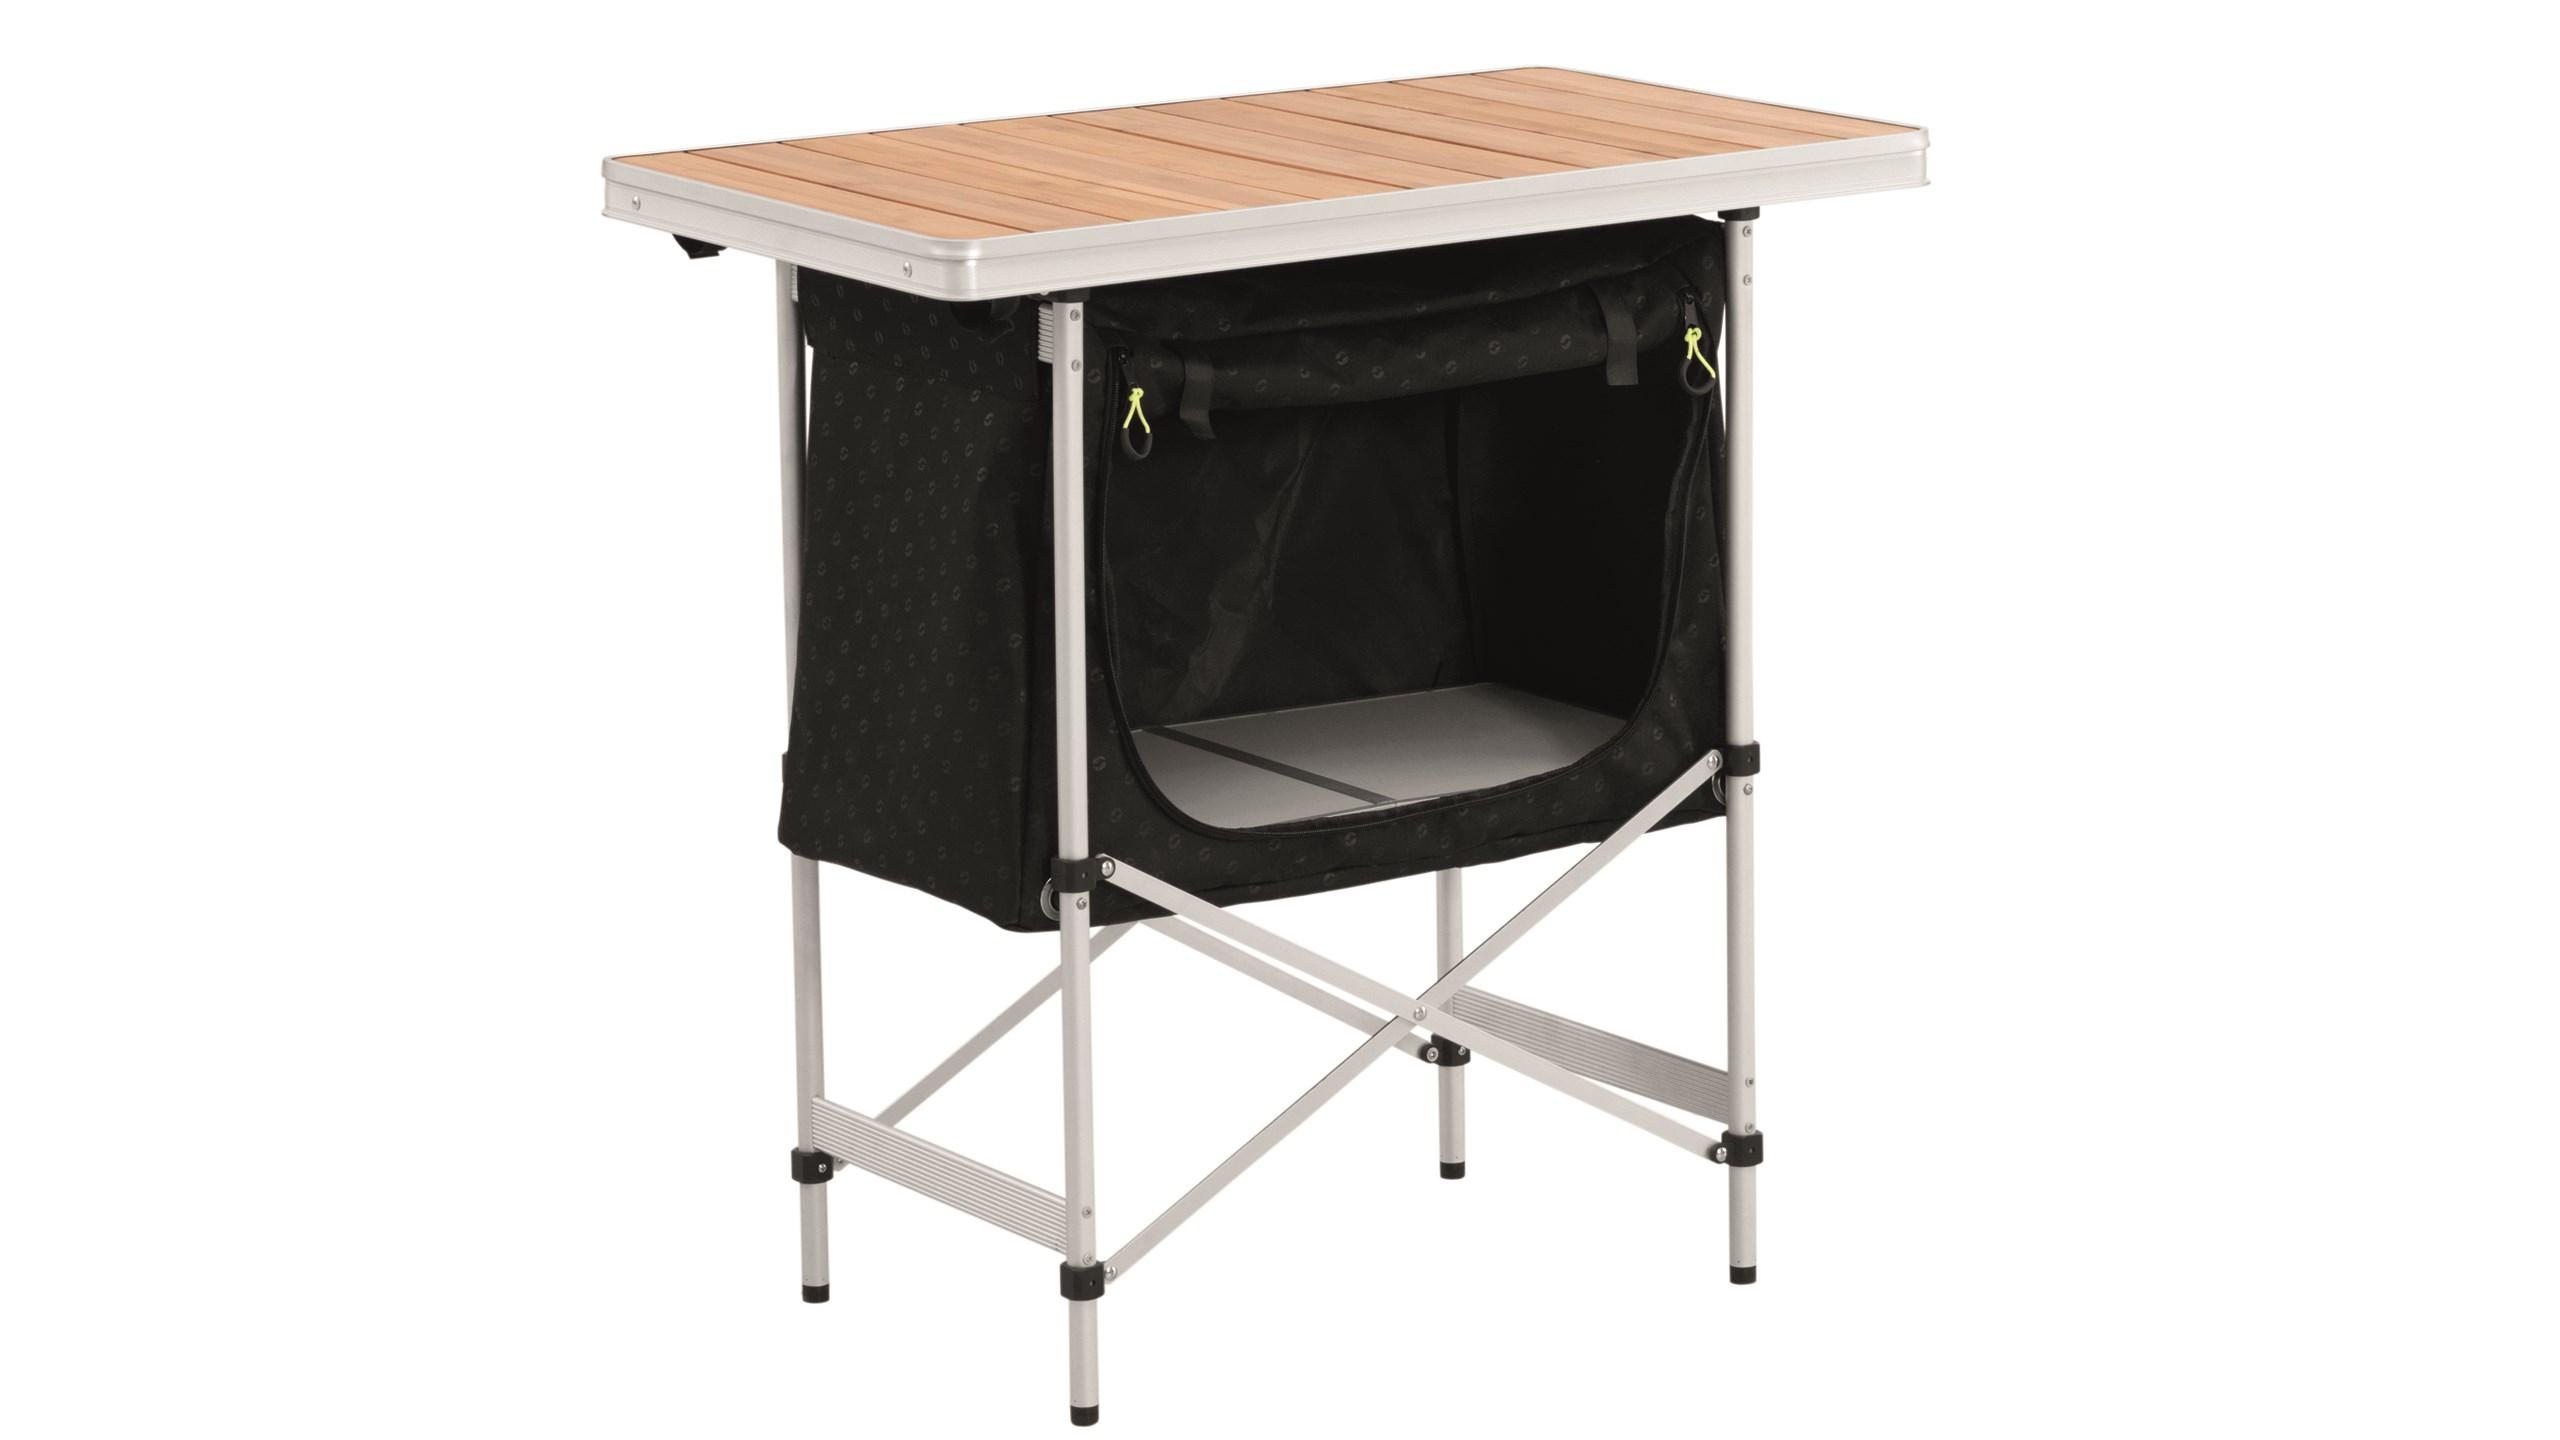 Outwell Regina - Køkkenbord - Alu stel og bambusplade | Frames